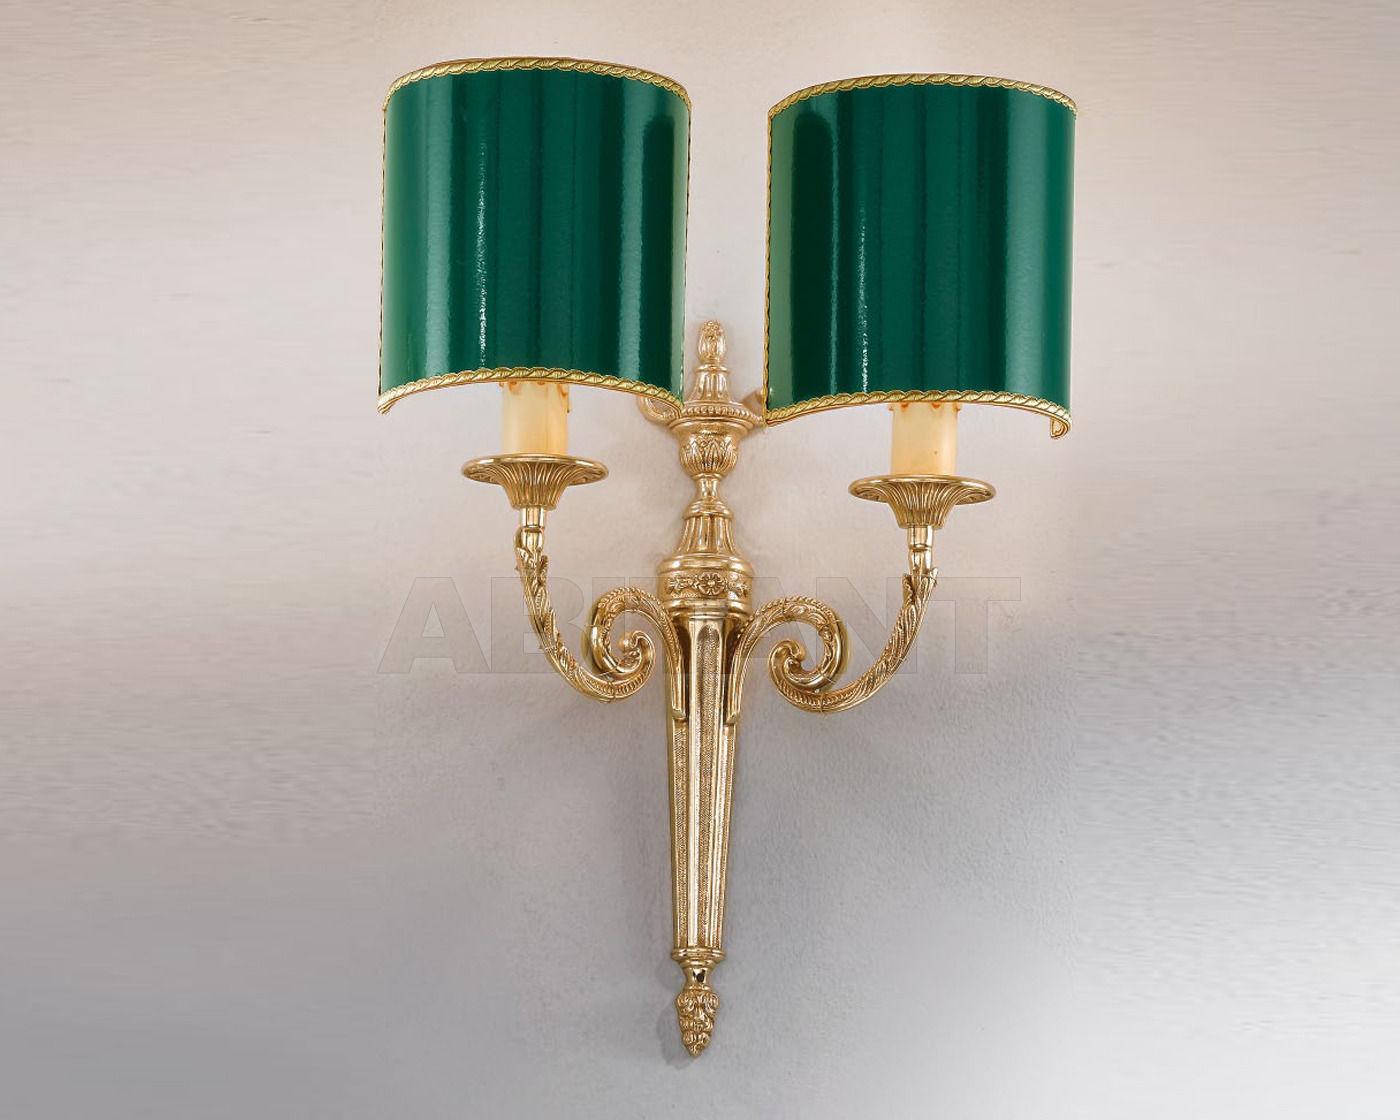 Купить Светильник настенный Nervilamp Snc Nervilamp 2013 A21